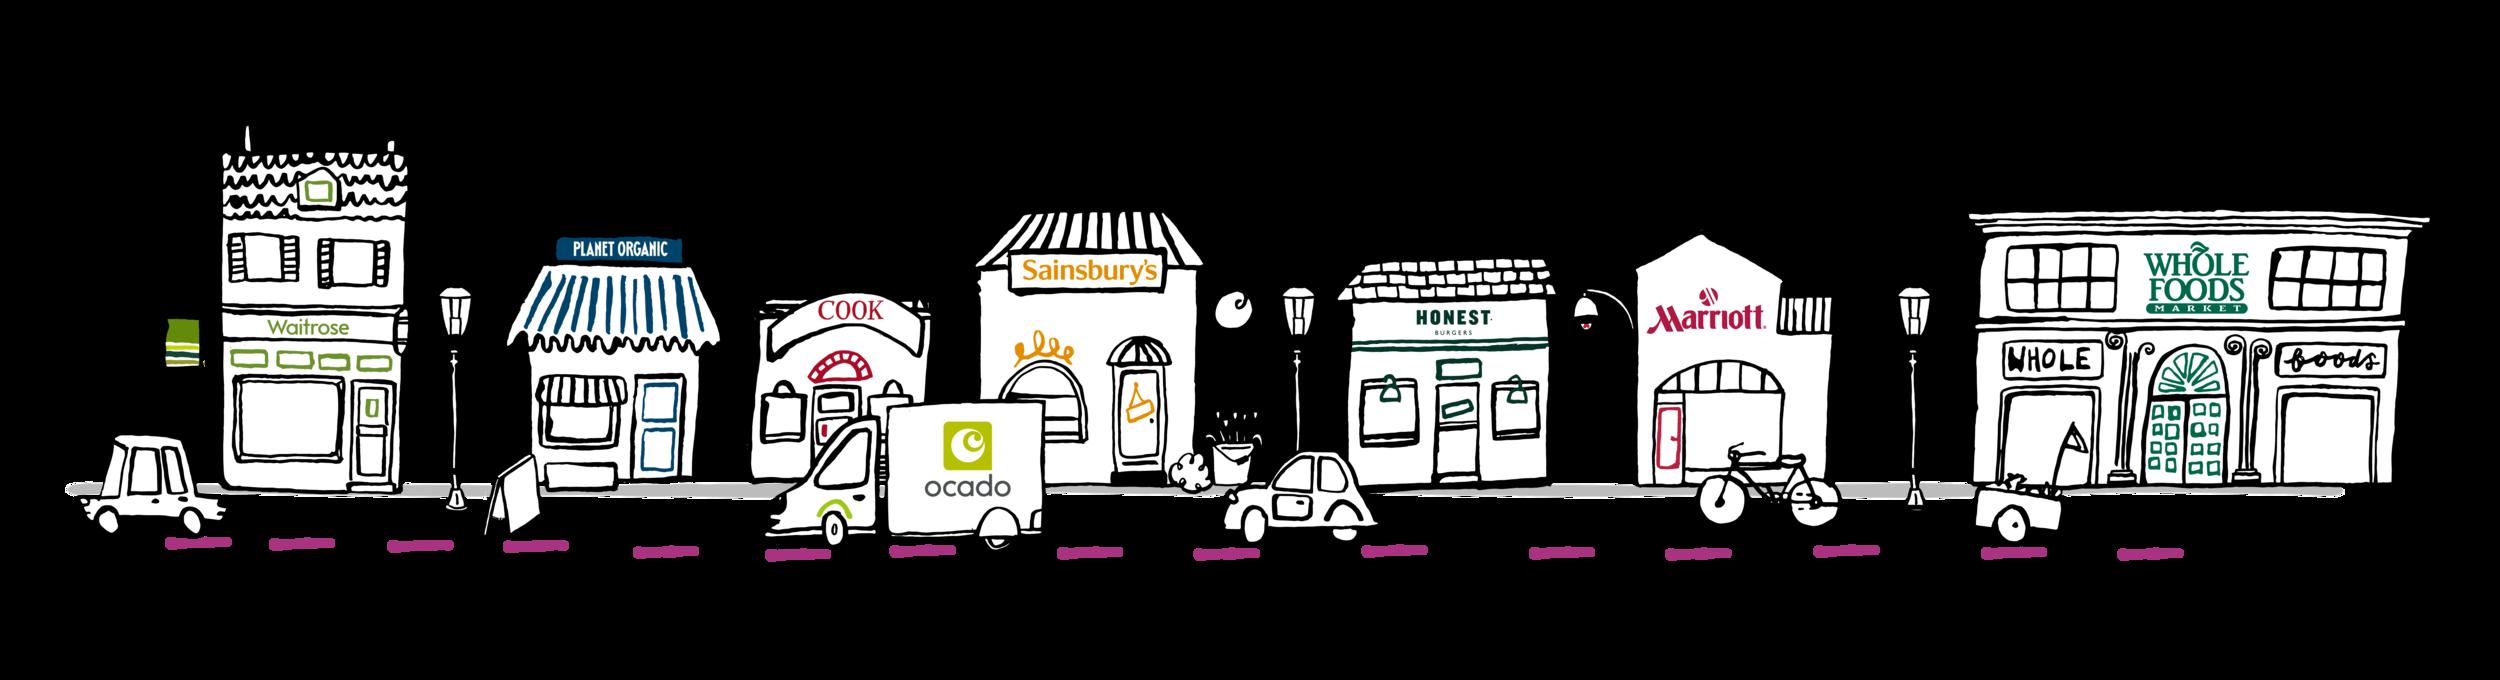 Shops Illustration-01.png